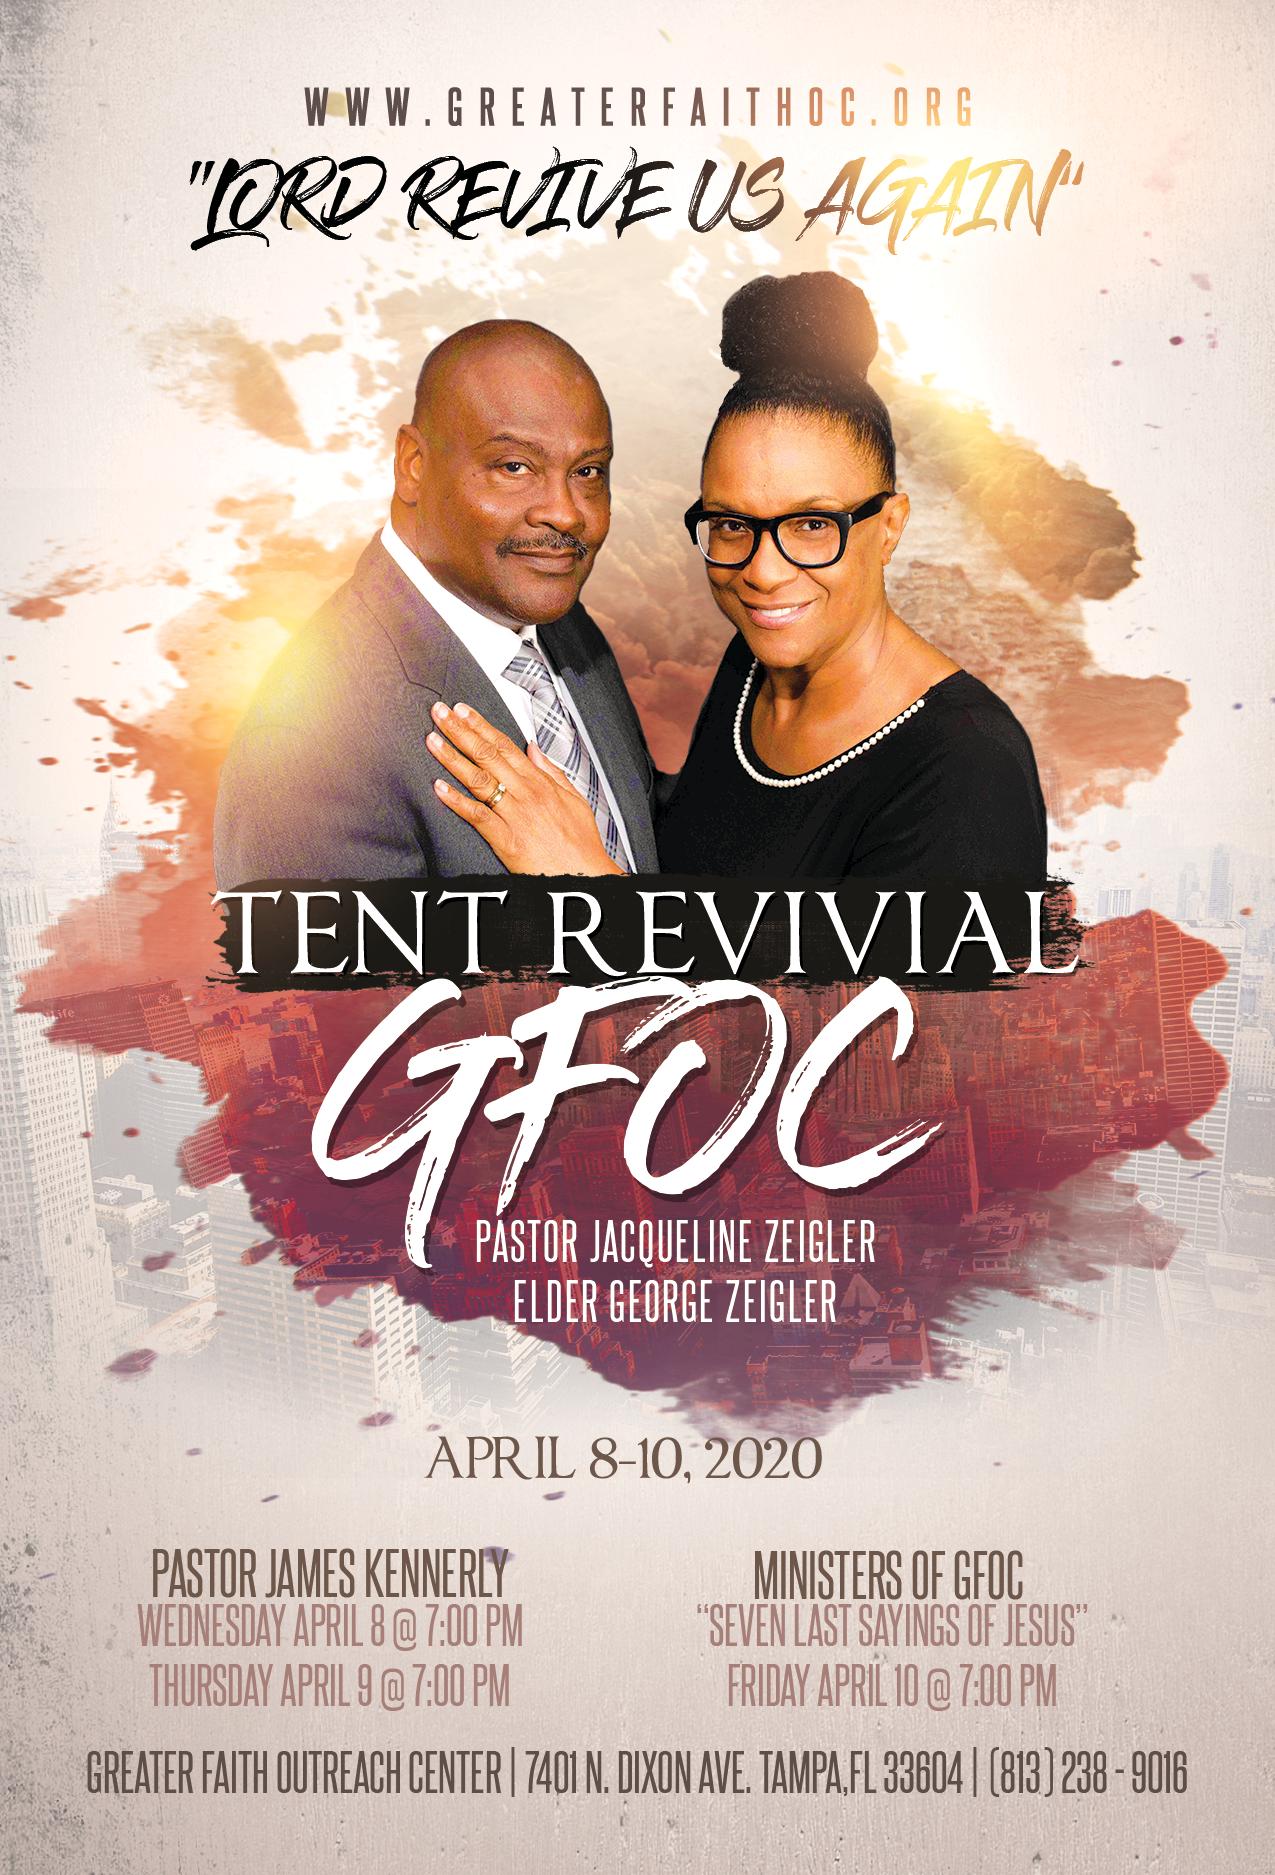 GFOC Tent Revival